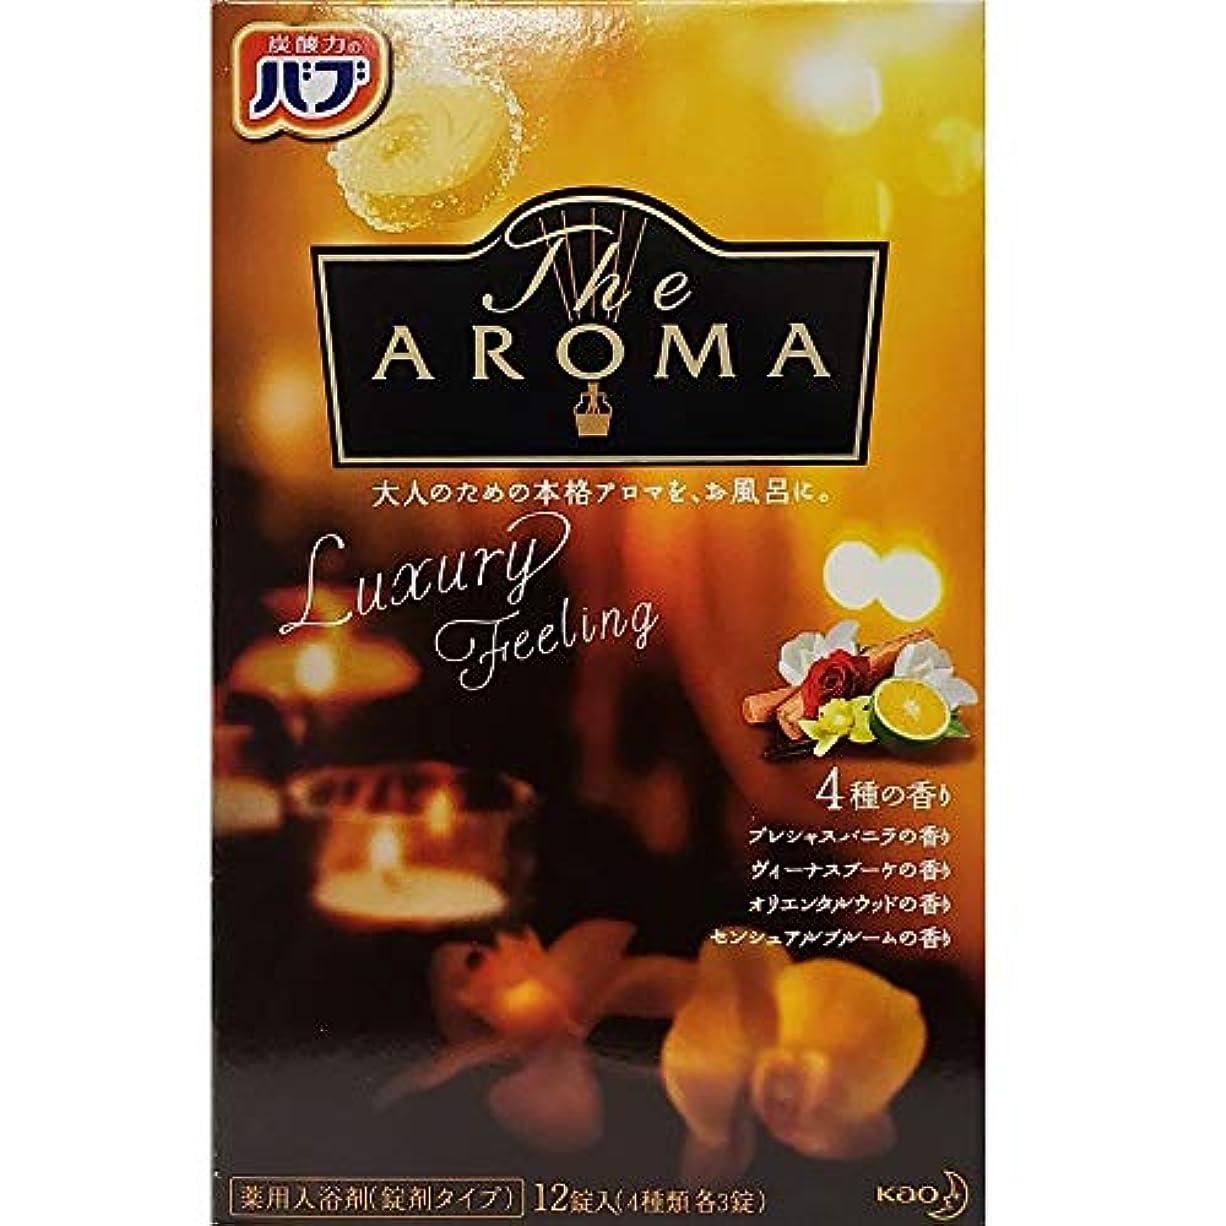 補充ジャーナリストディスクバブ The Aroma Luxury Feeling 40g×12錠(4種類 各3錠) 医薬部外品